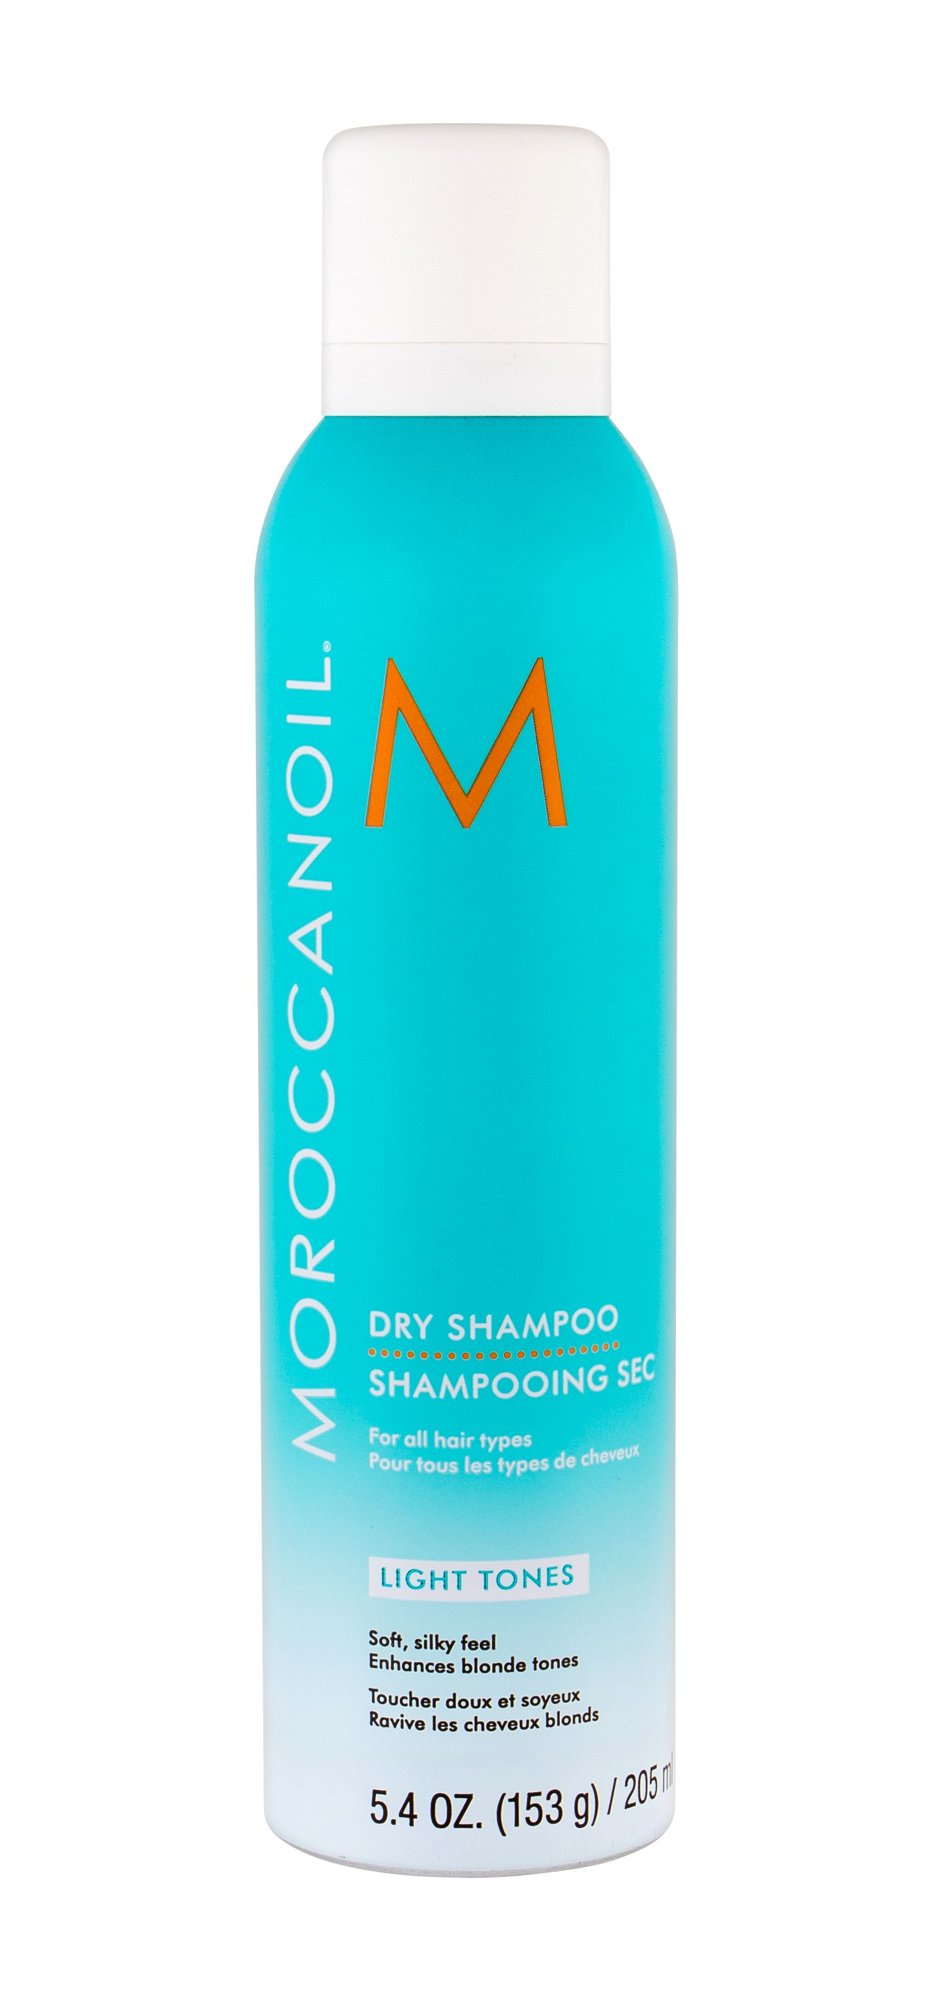 Moroccanoil Dry Shampoo Dry Shampoo 205ml